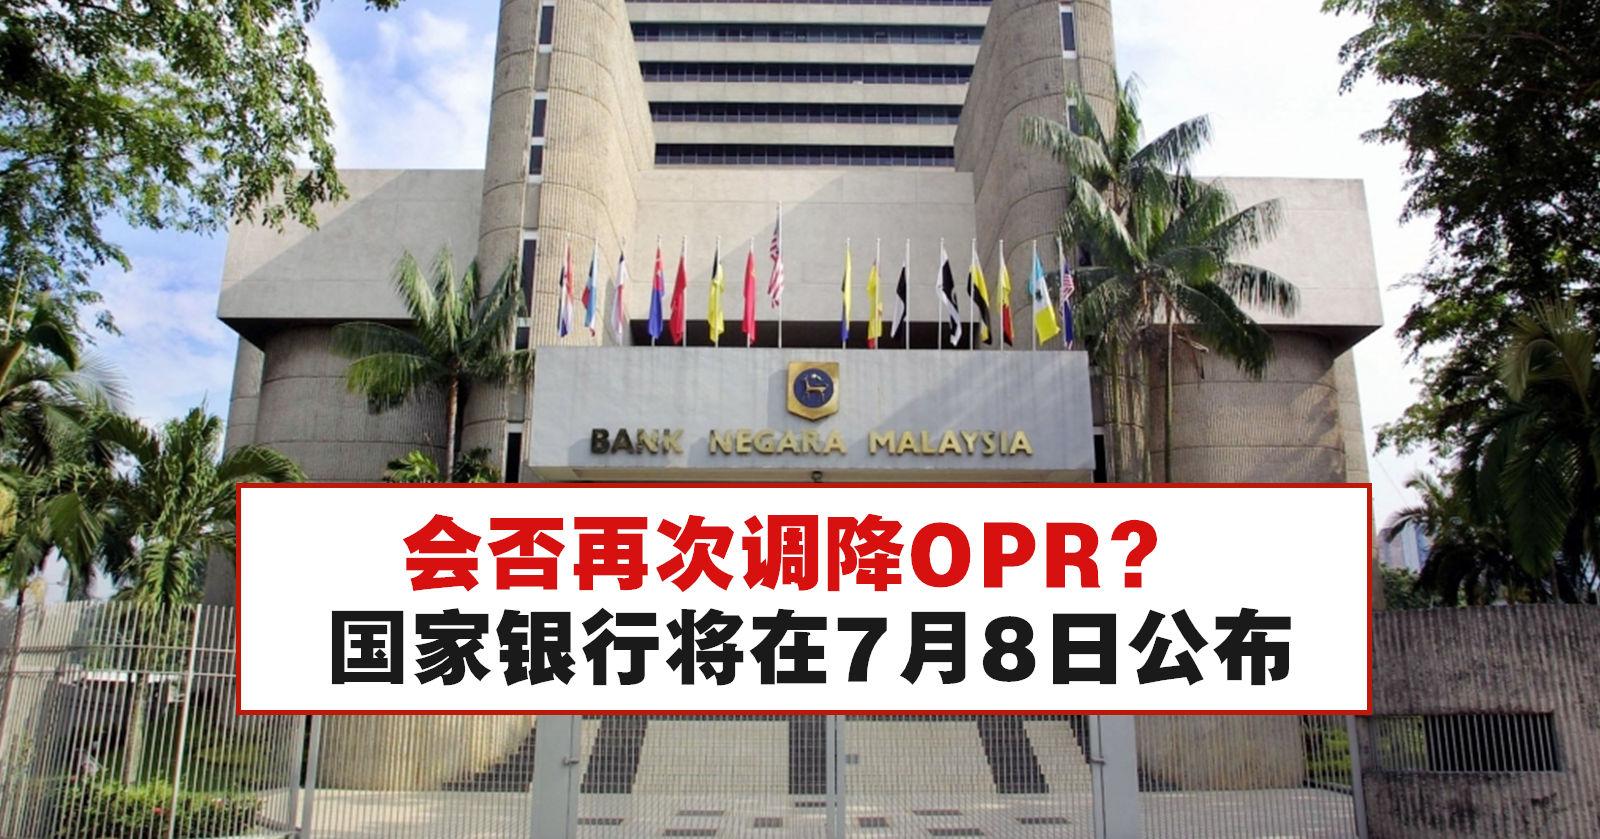 会否调降OPR?国家银行将在7月8日公布